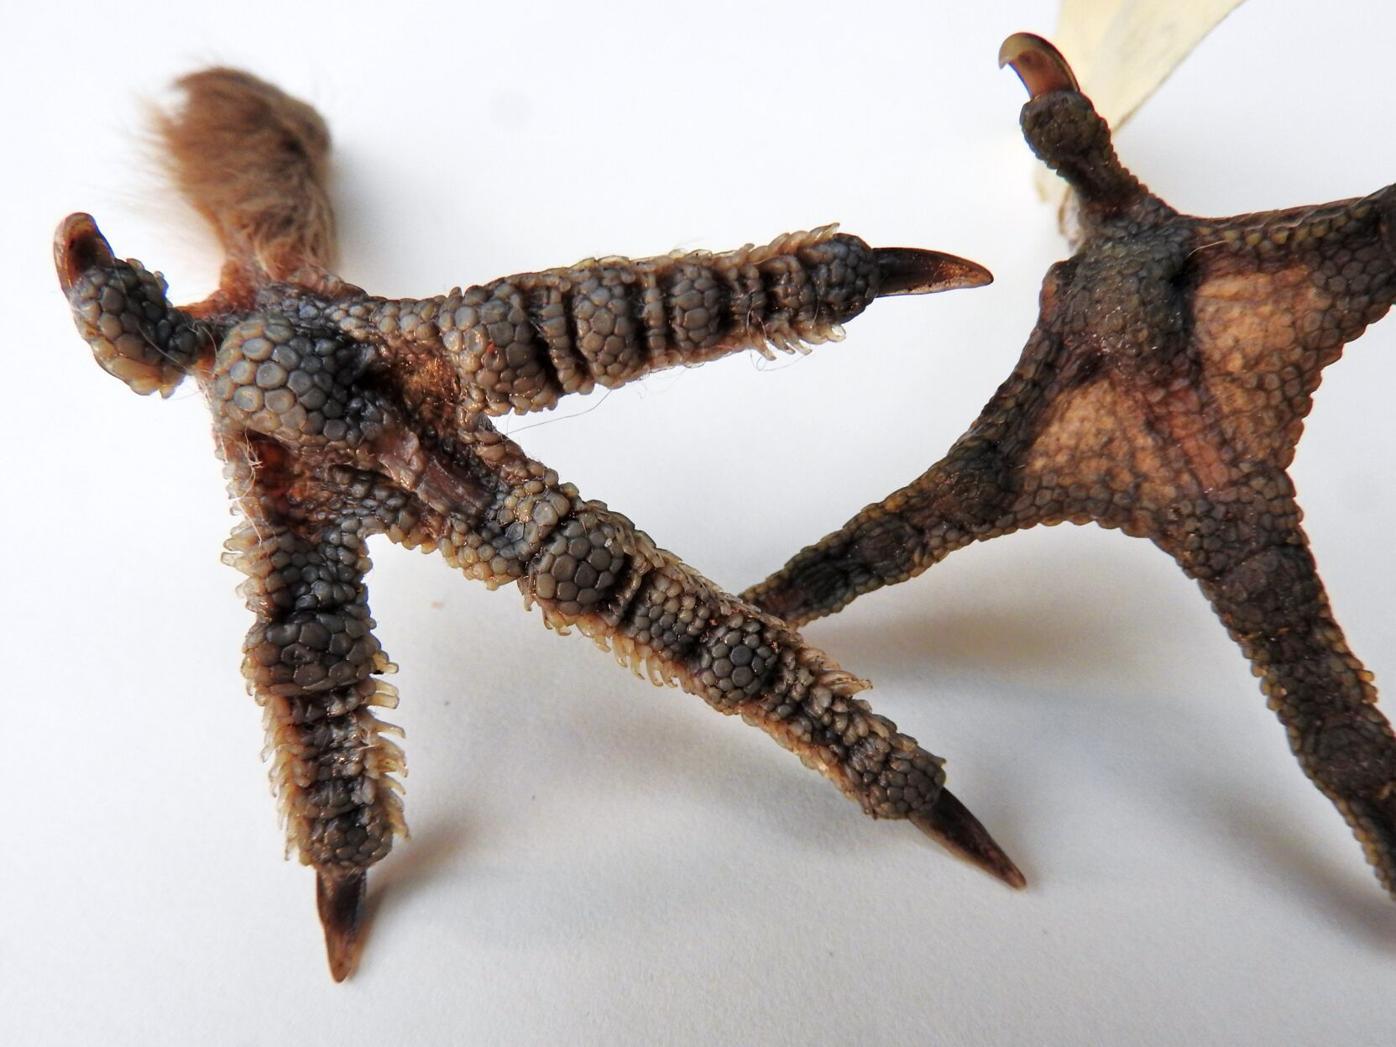 Grouse feet